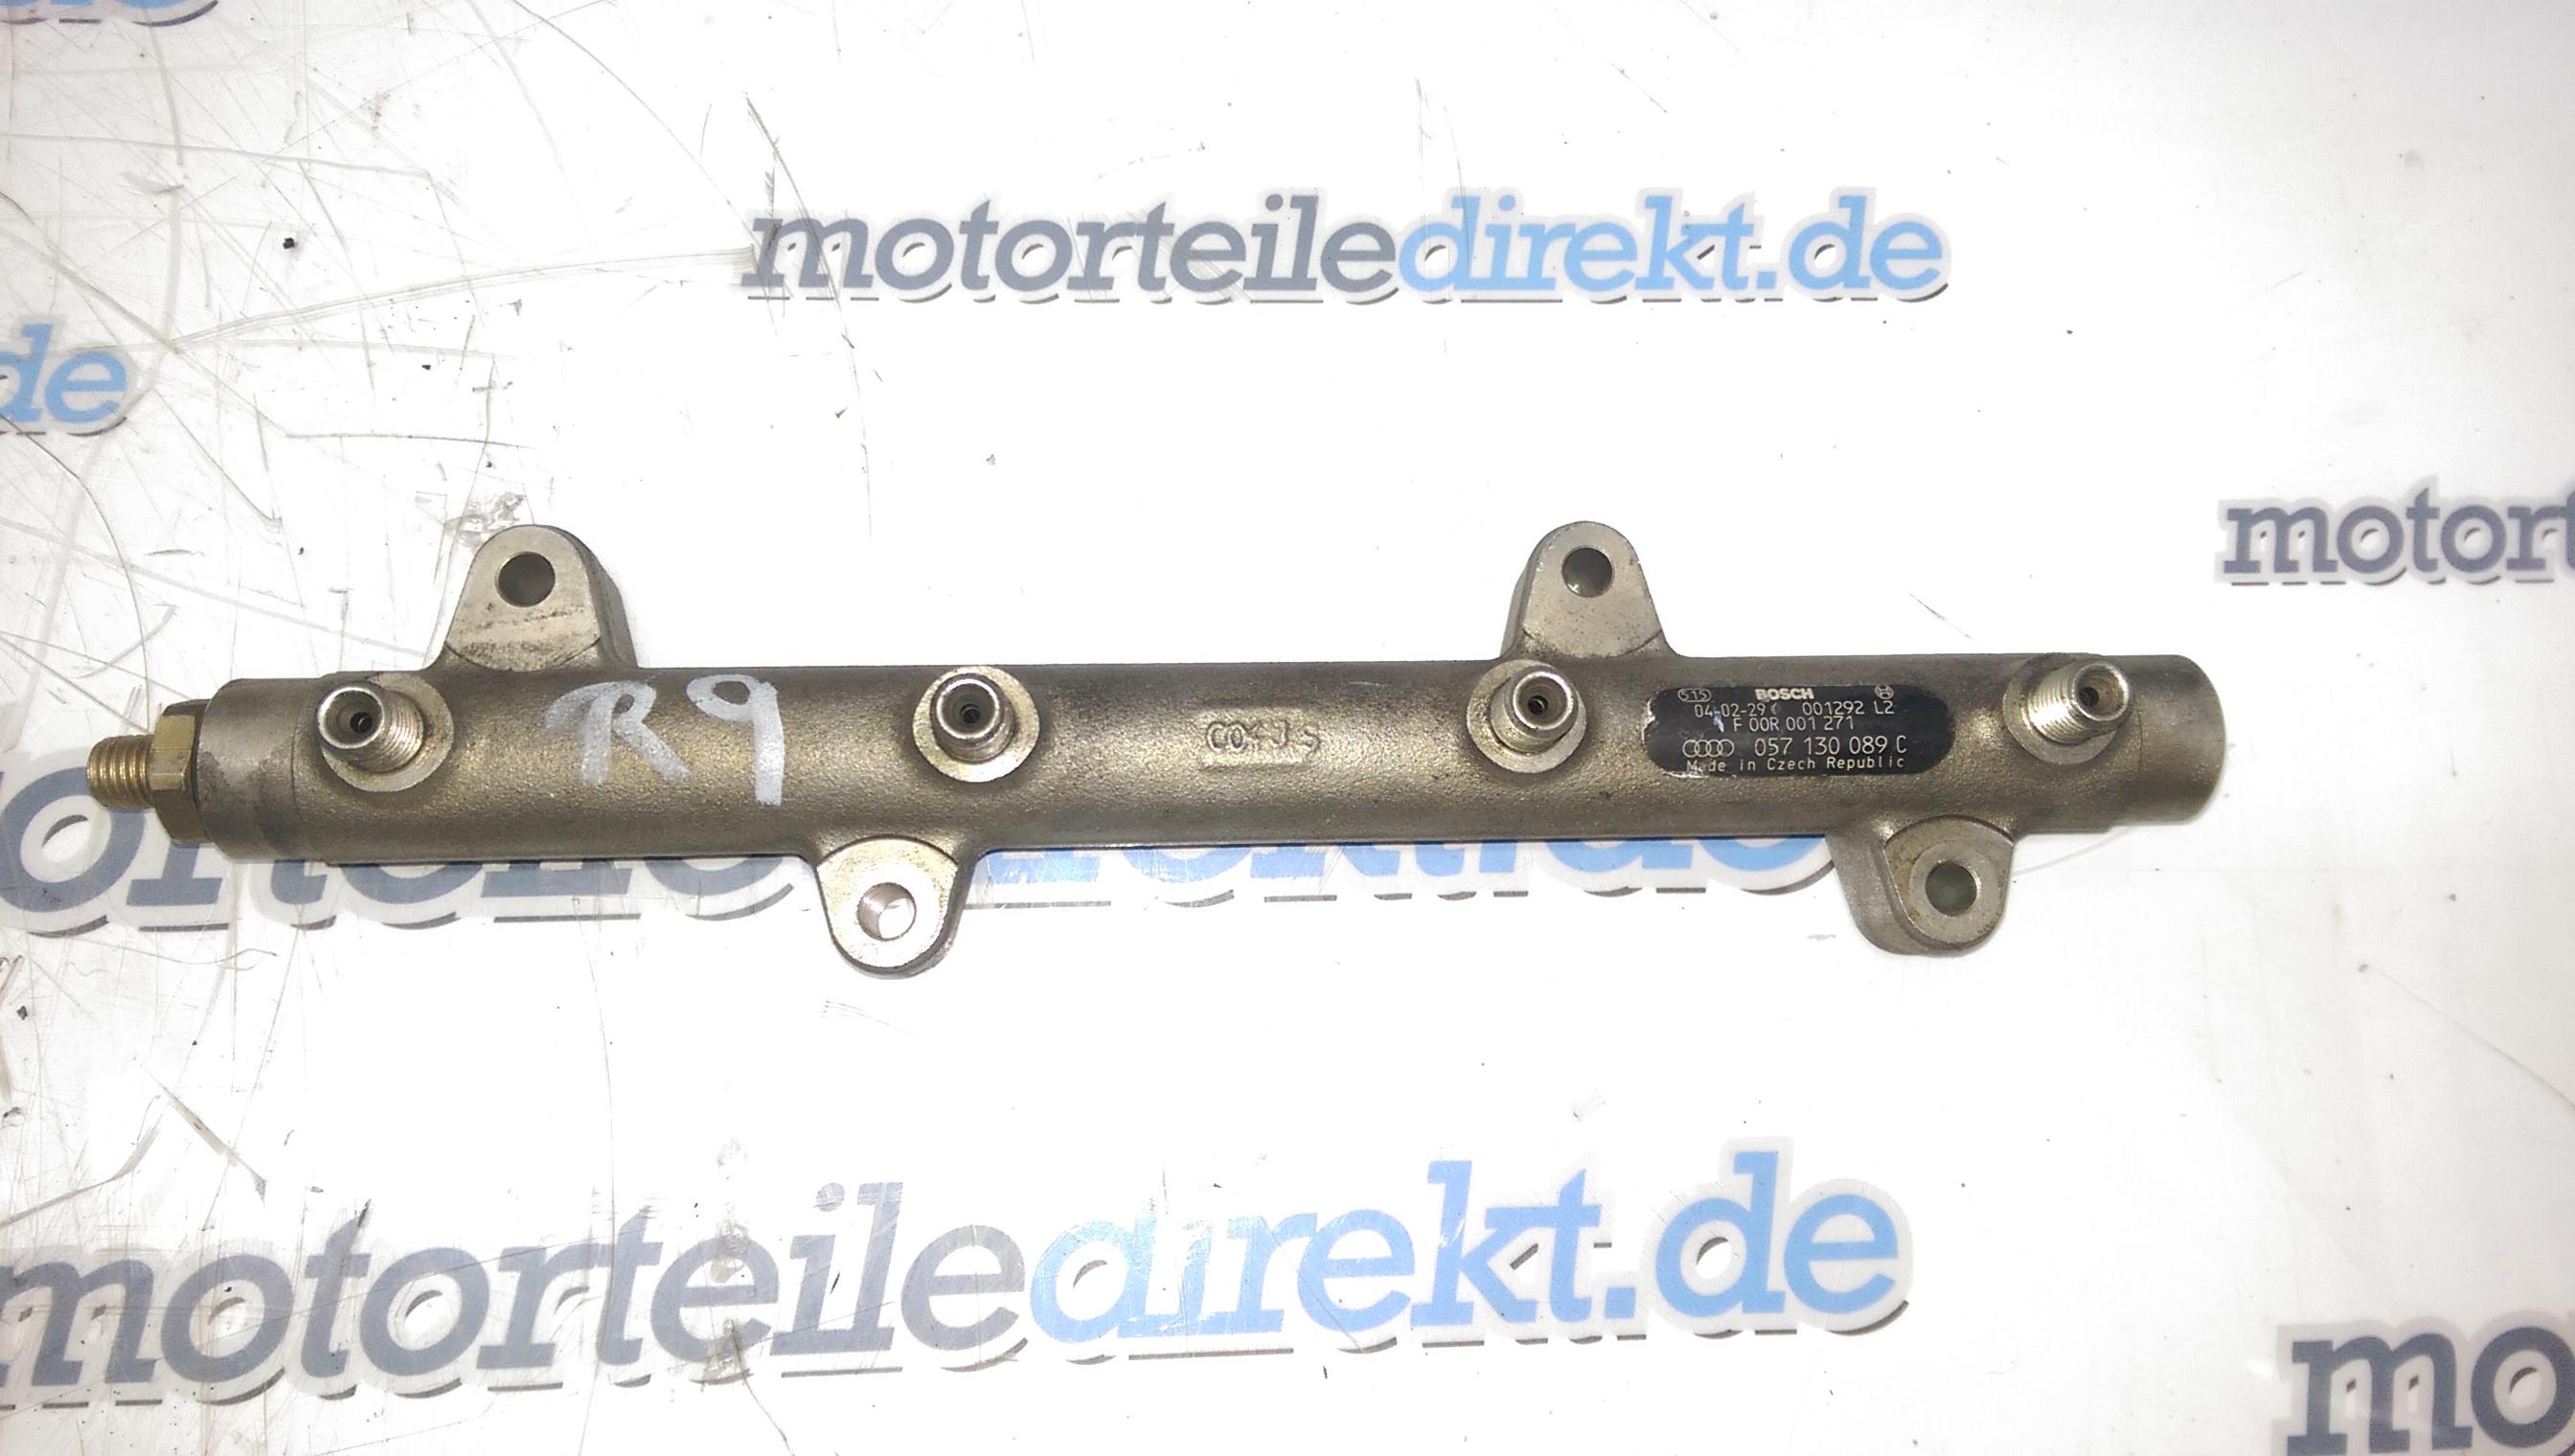 Rail Rohr Einspritzleiste Audi A8 4E 4,0 TDI Quattro 057130089C ASE 275 PS